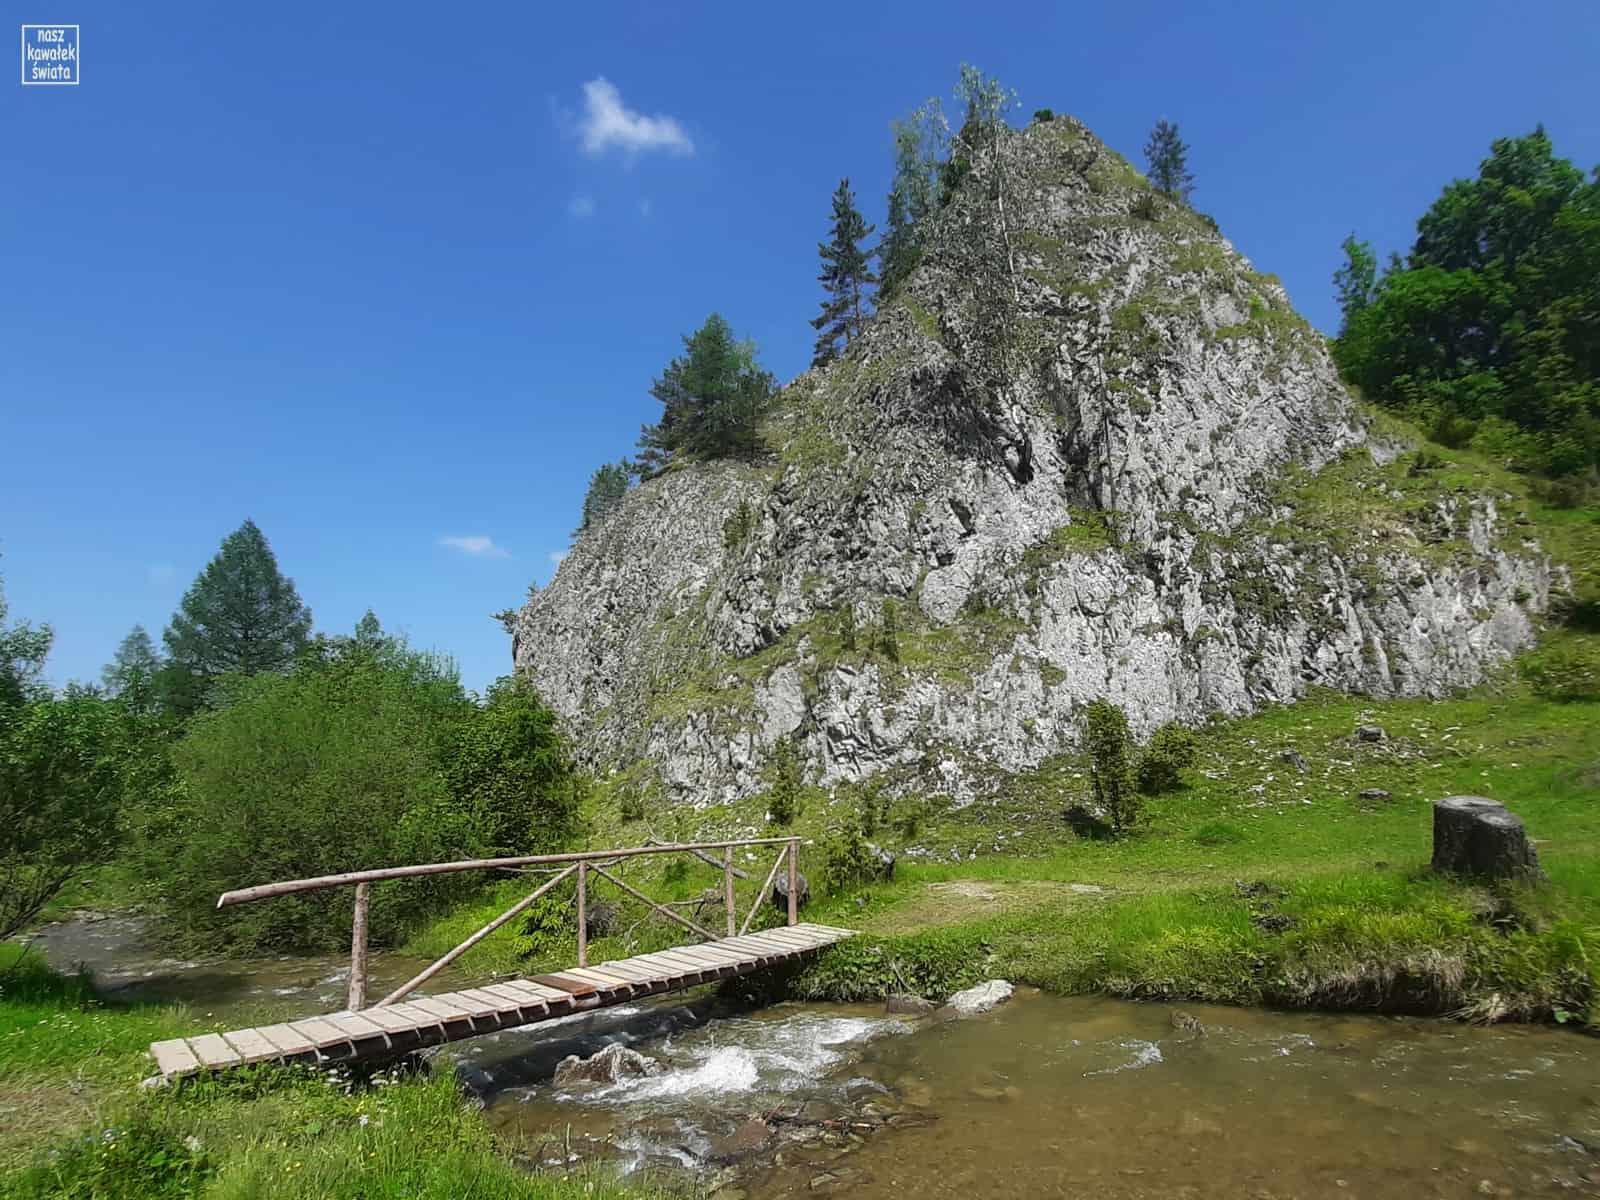 Rezerwat Biała Woda. Kociubylska Skała.